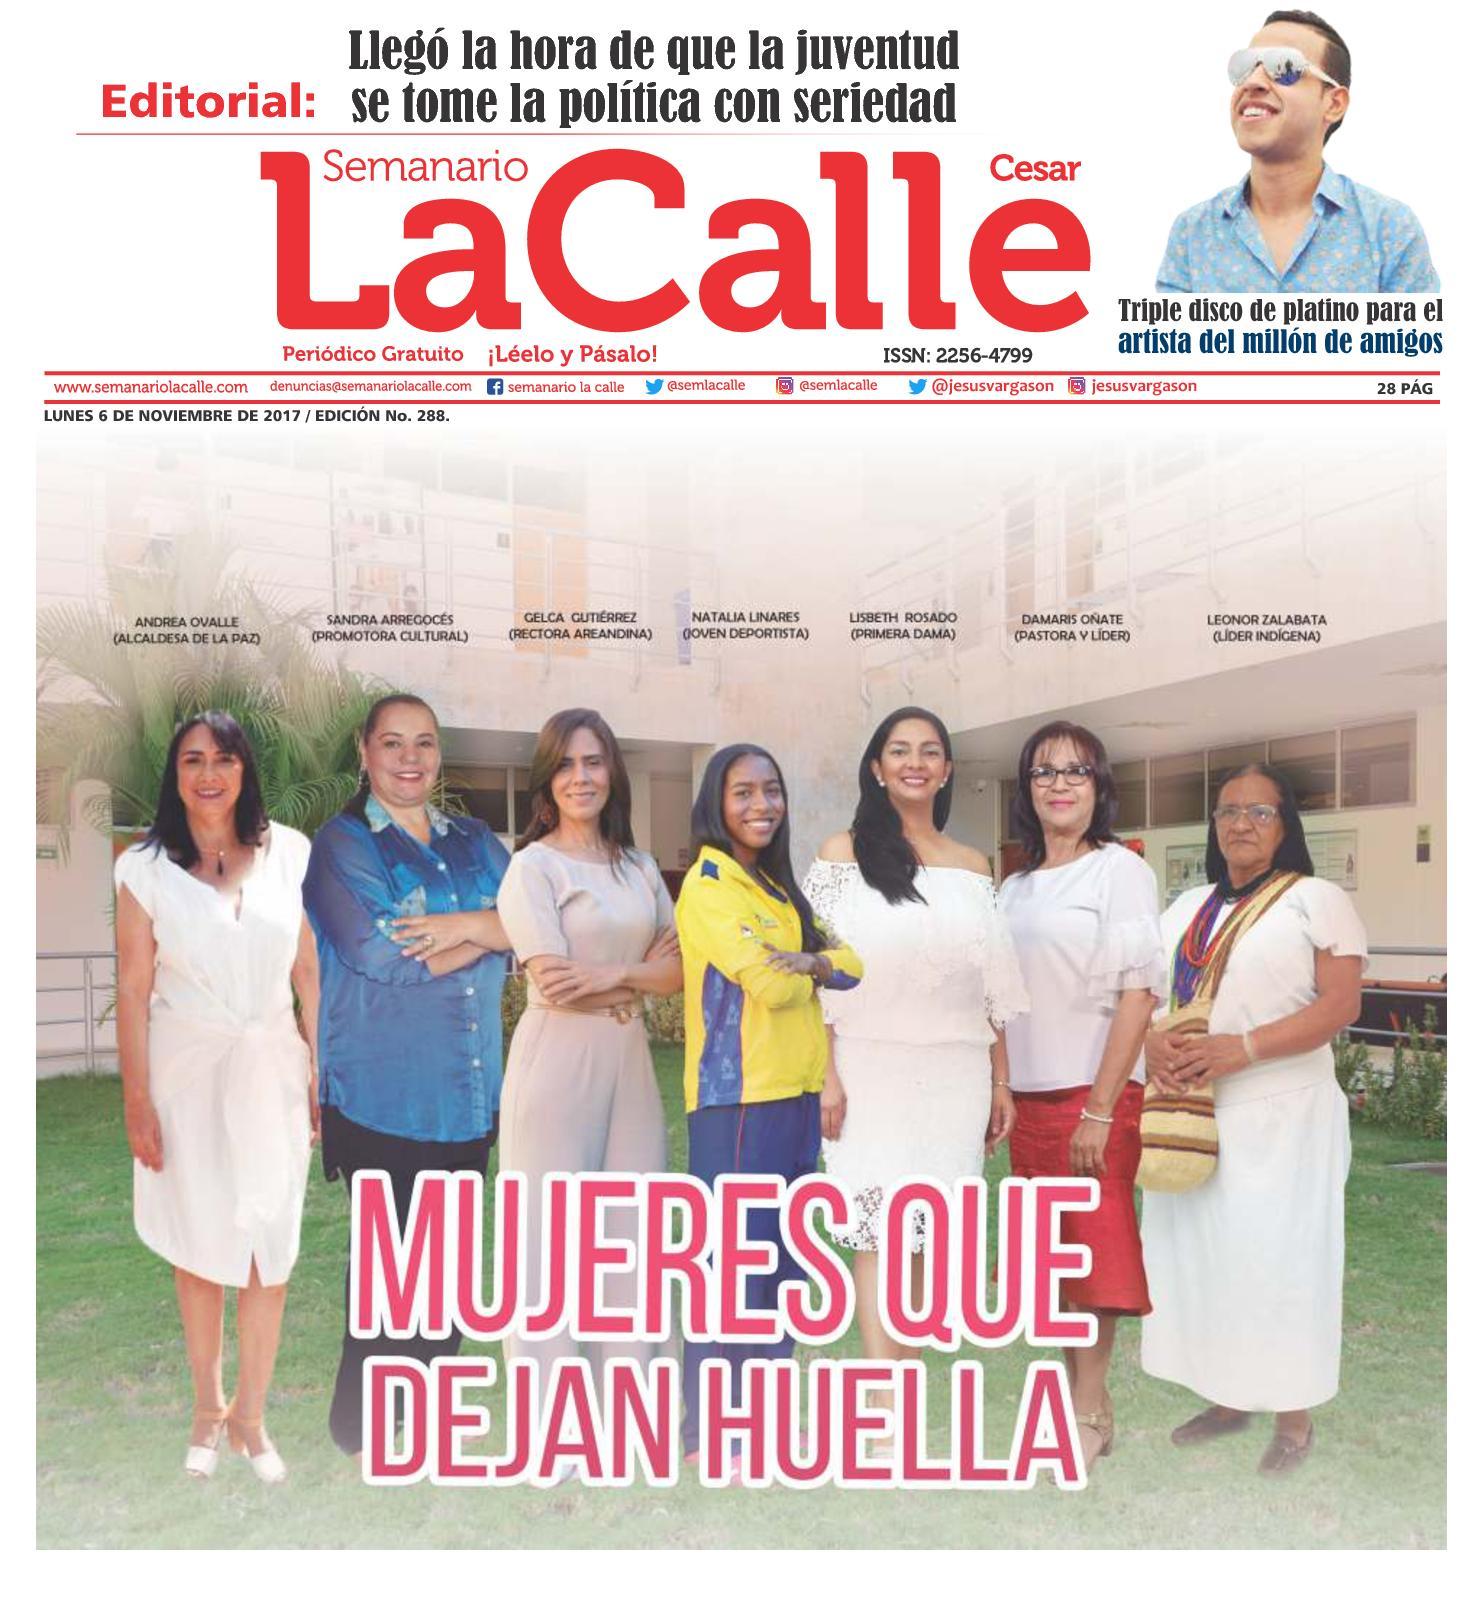 Semanario La Calle edición 288